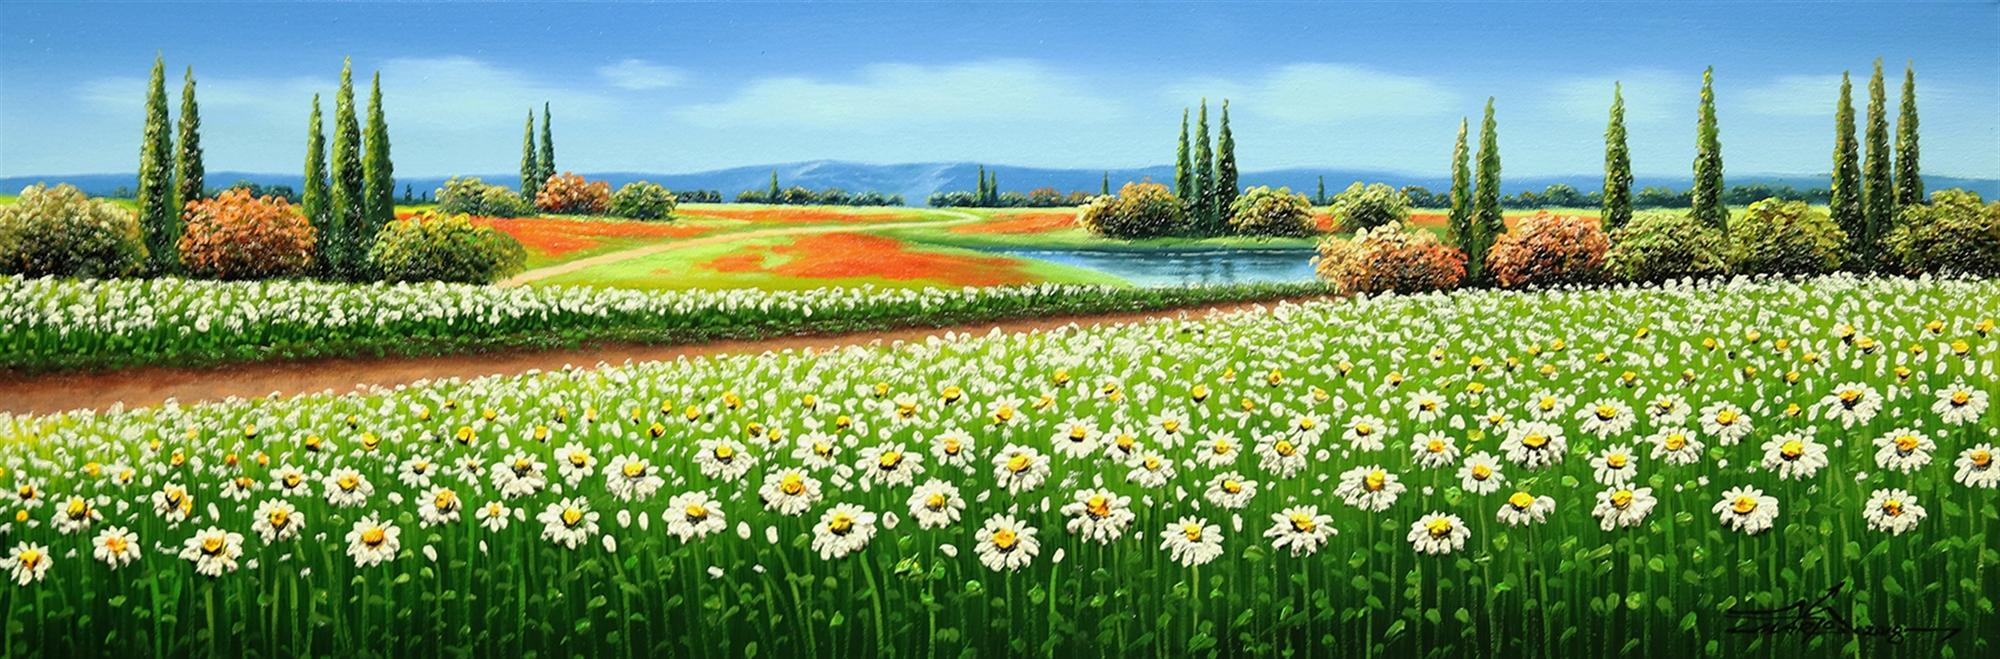 Dear Daisy by Mario Jung